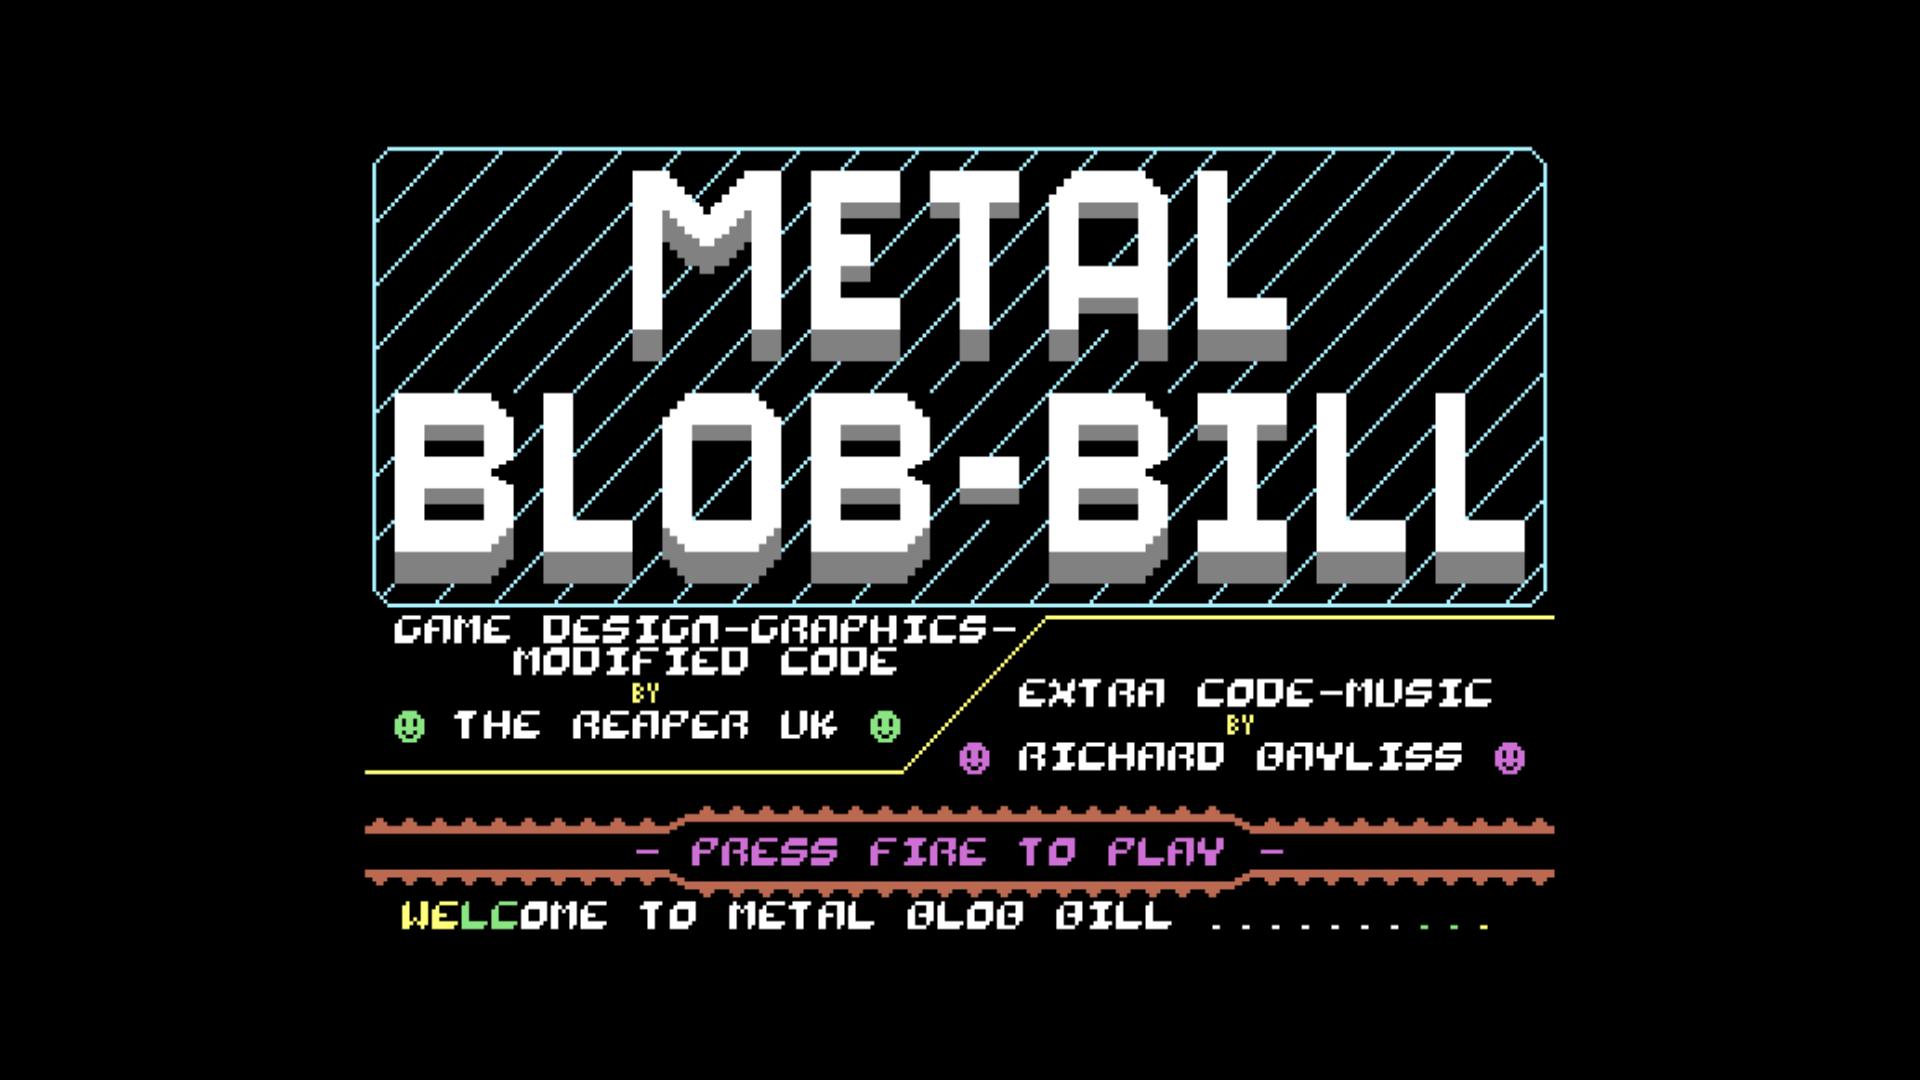 Metal Blob Bill (C64)